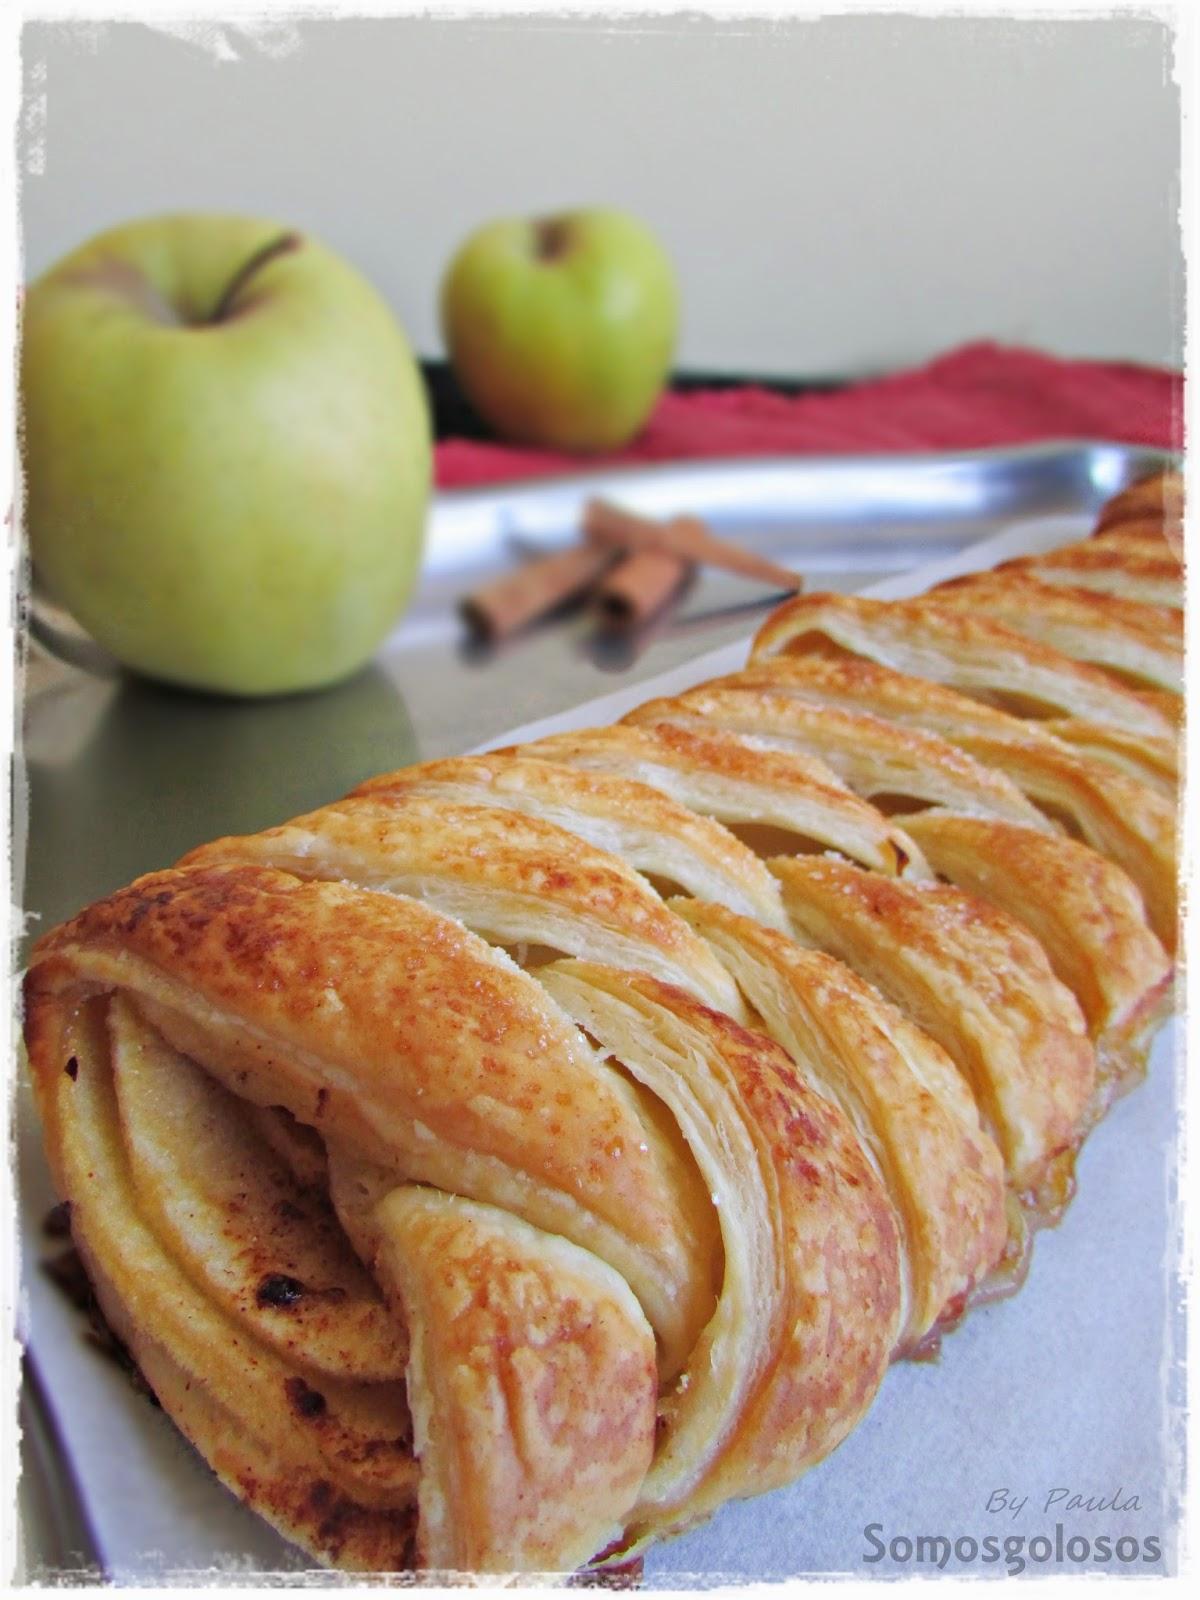 Trenza hojaldrada de manzana, miel y canela.